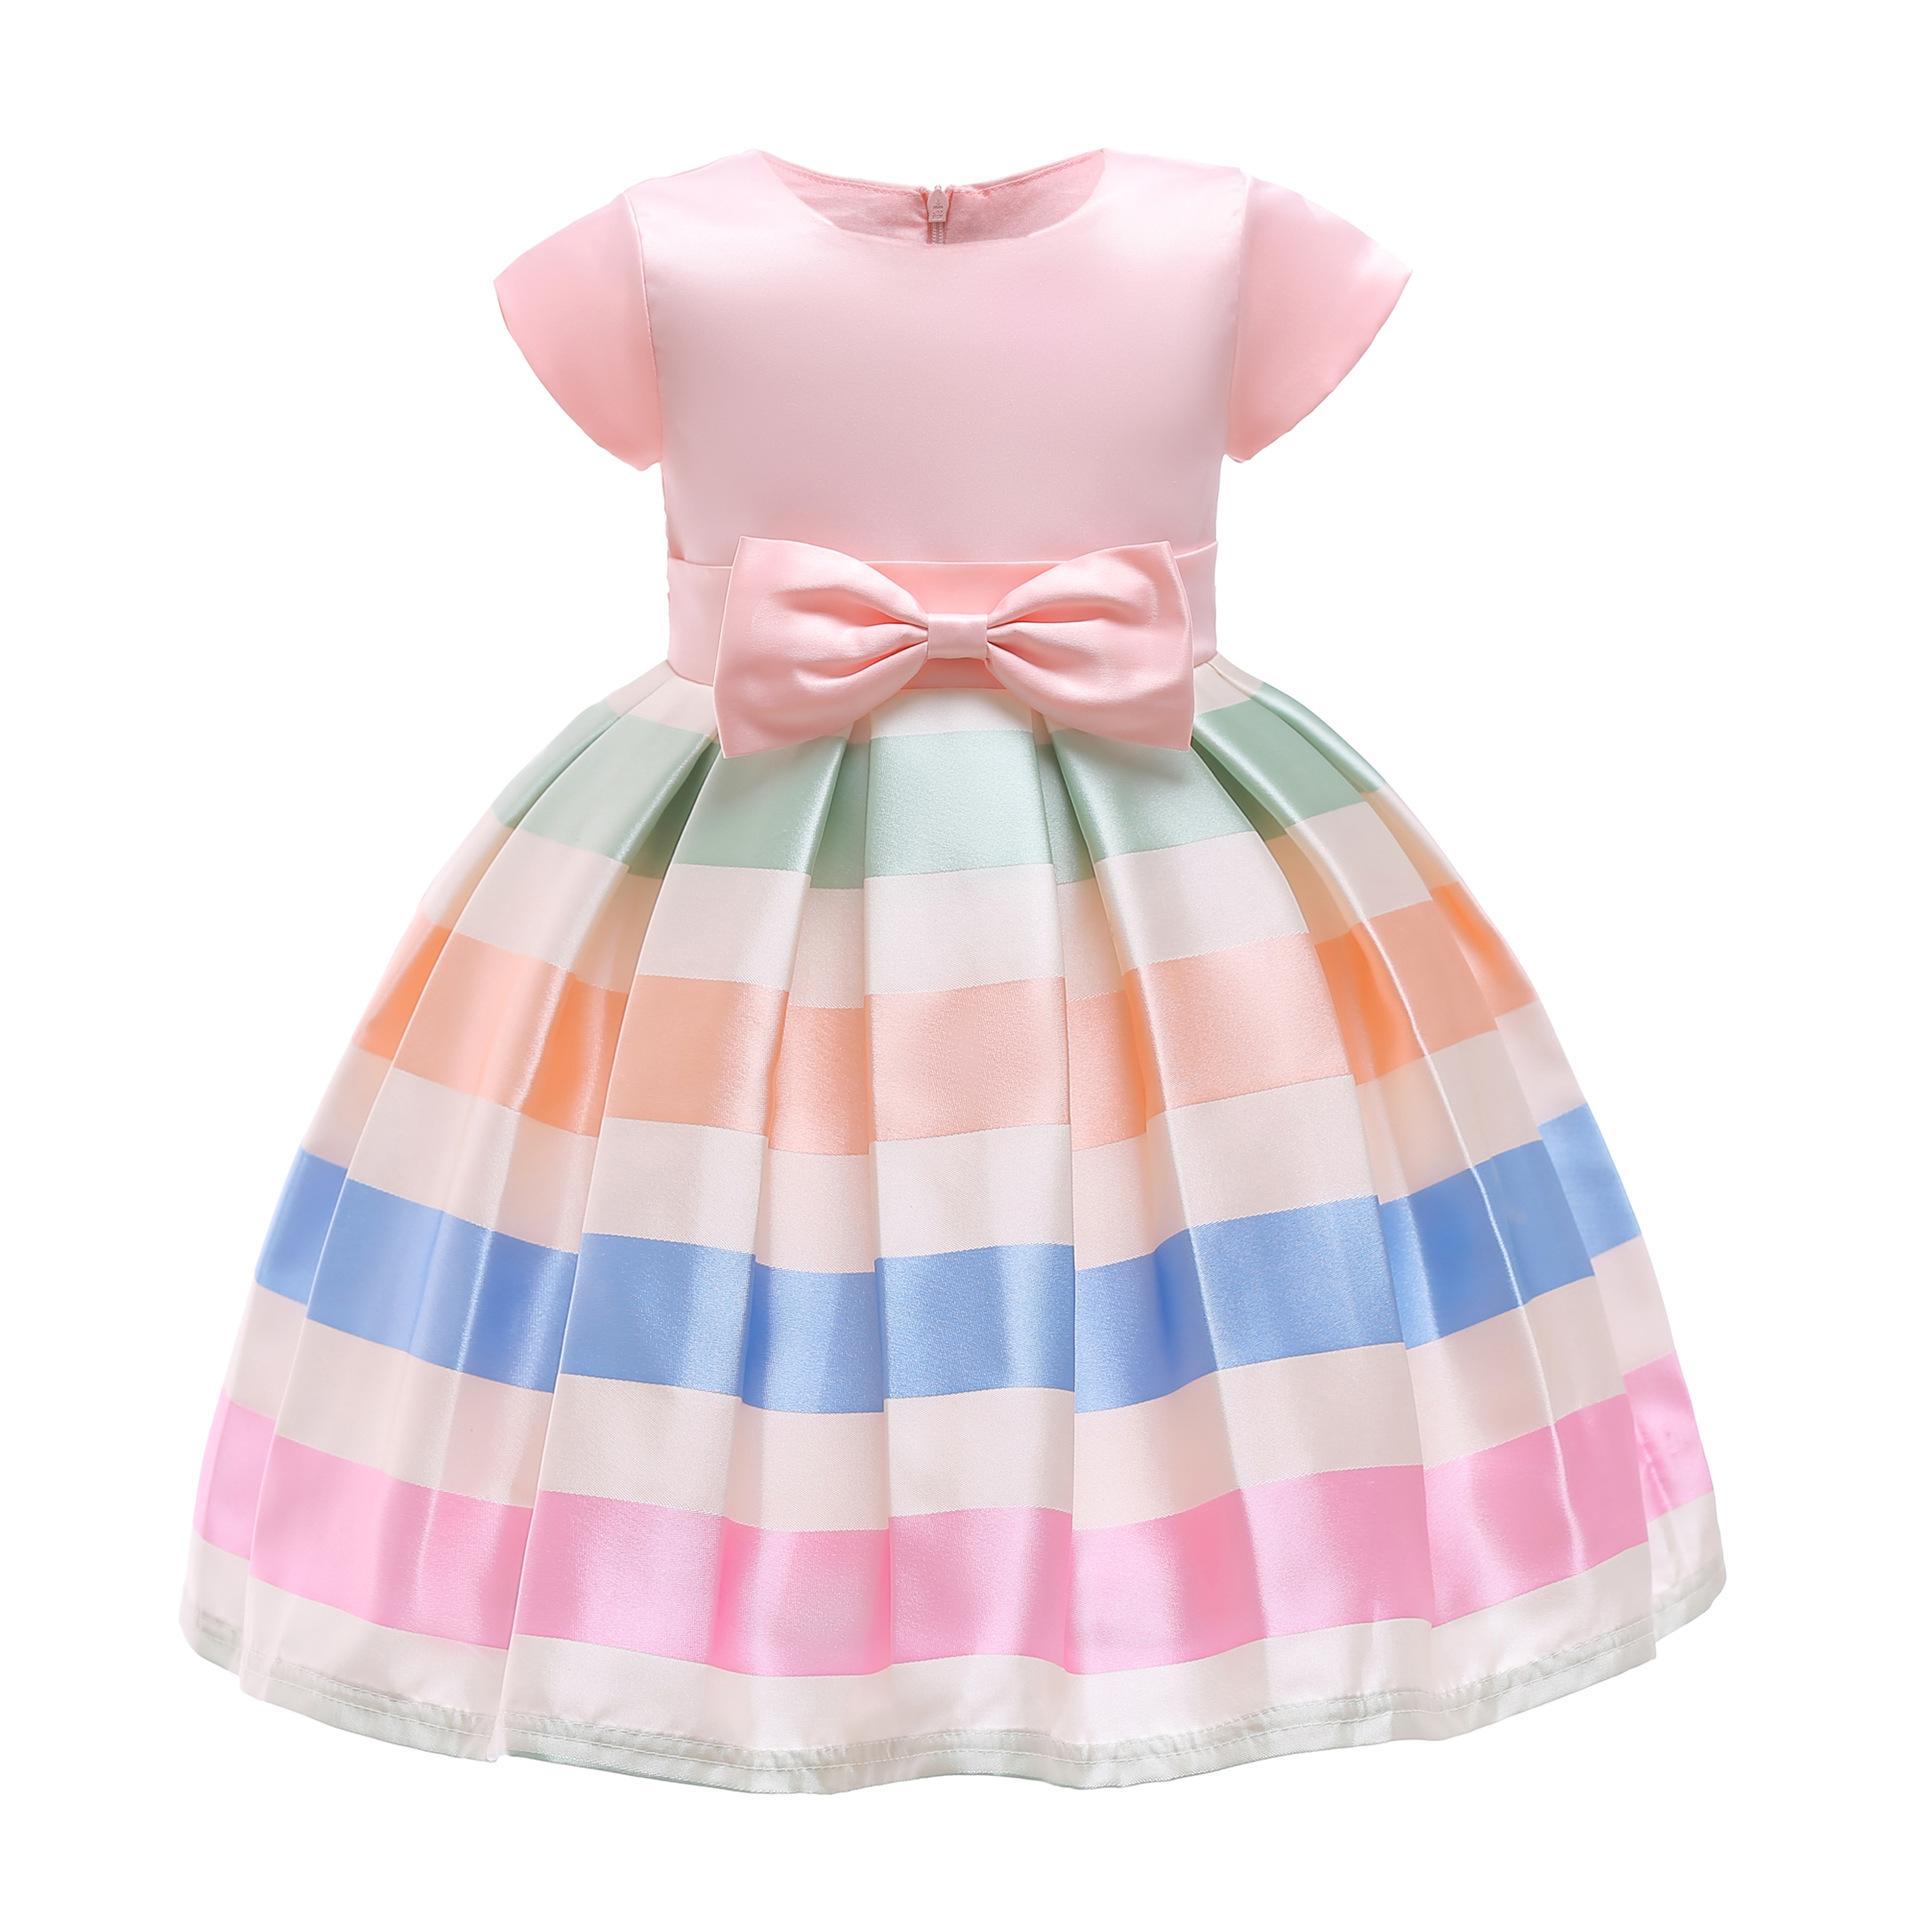 12630ce1a9d5c Satın Al Bebek Kız Gökkuşağı Şerit Çiçek Elbise Çocuklar Kız Elbise  Elbiseler Çocuk Kız Noel Vestidos Kostüm Toddler Princes Elbise, $19.09 |  DHgate.Com'da